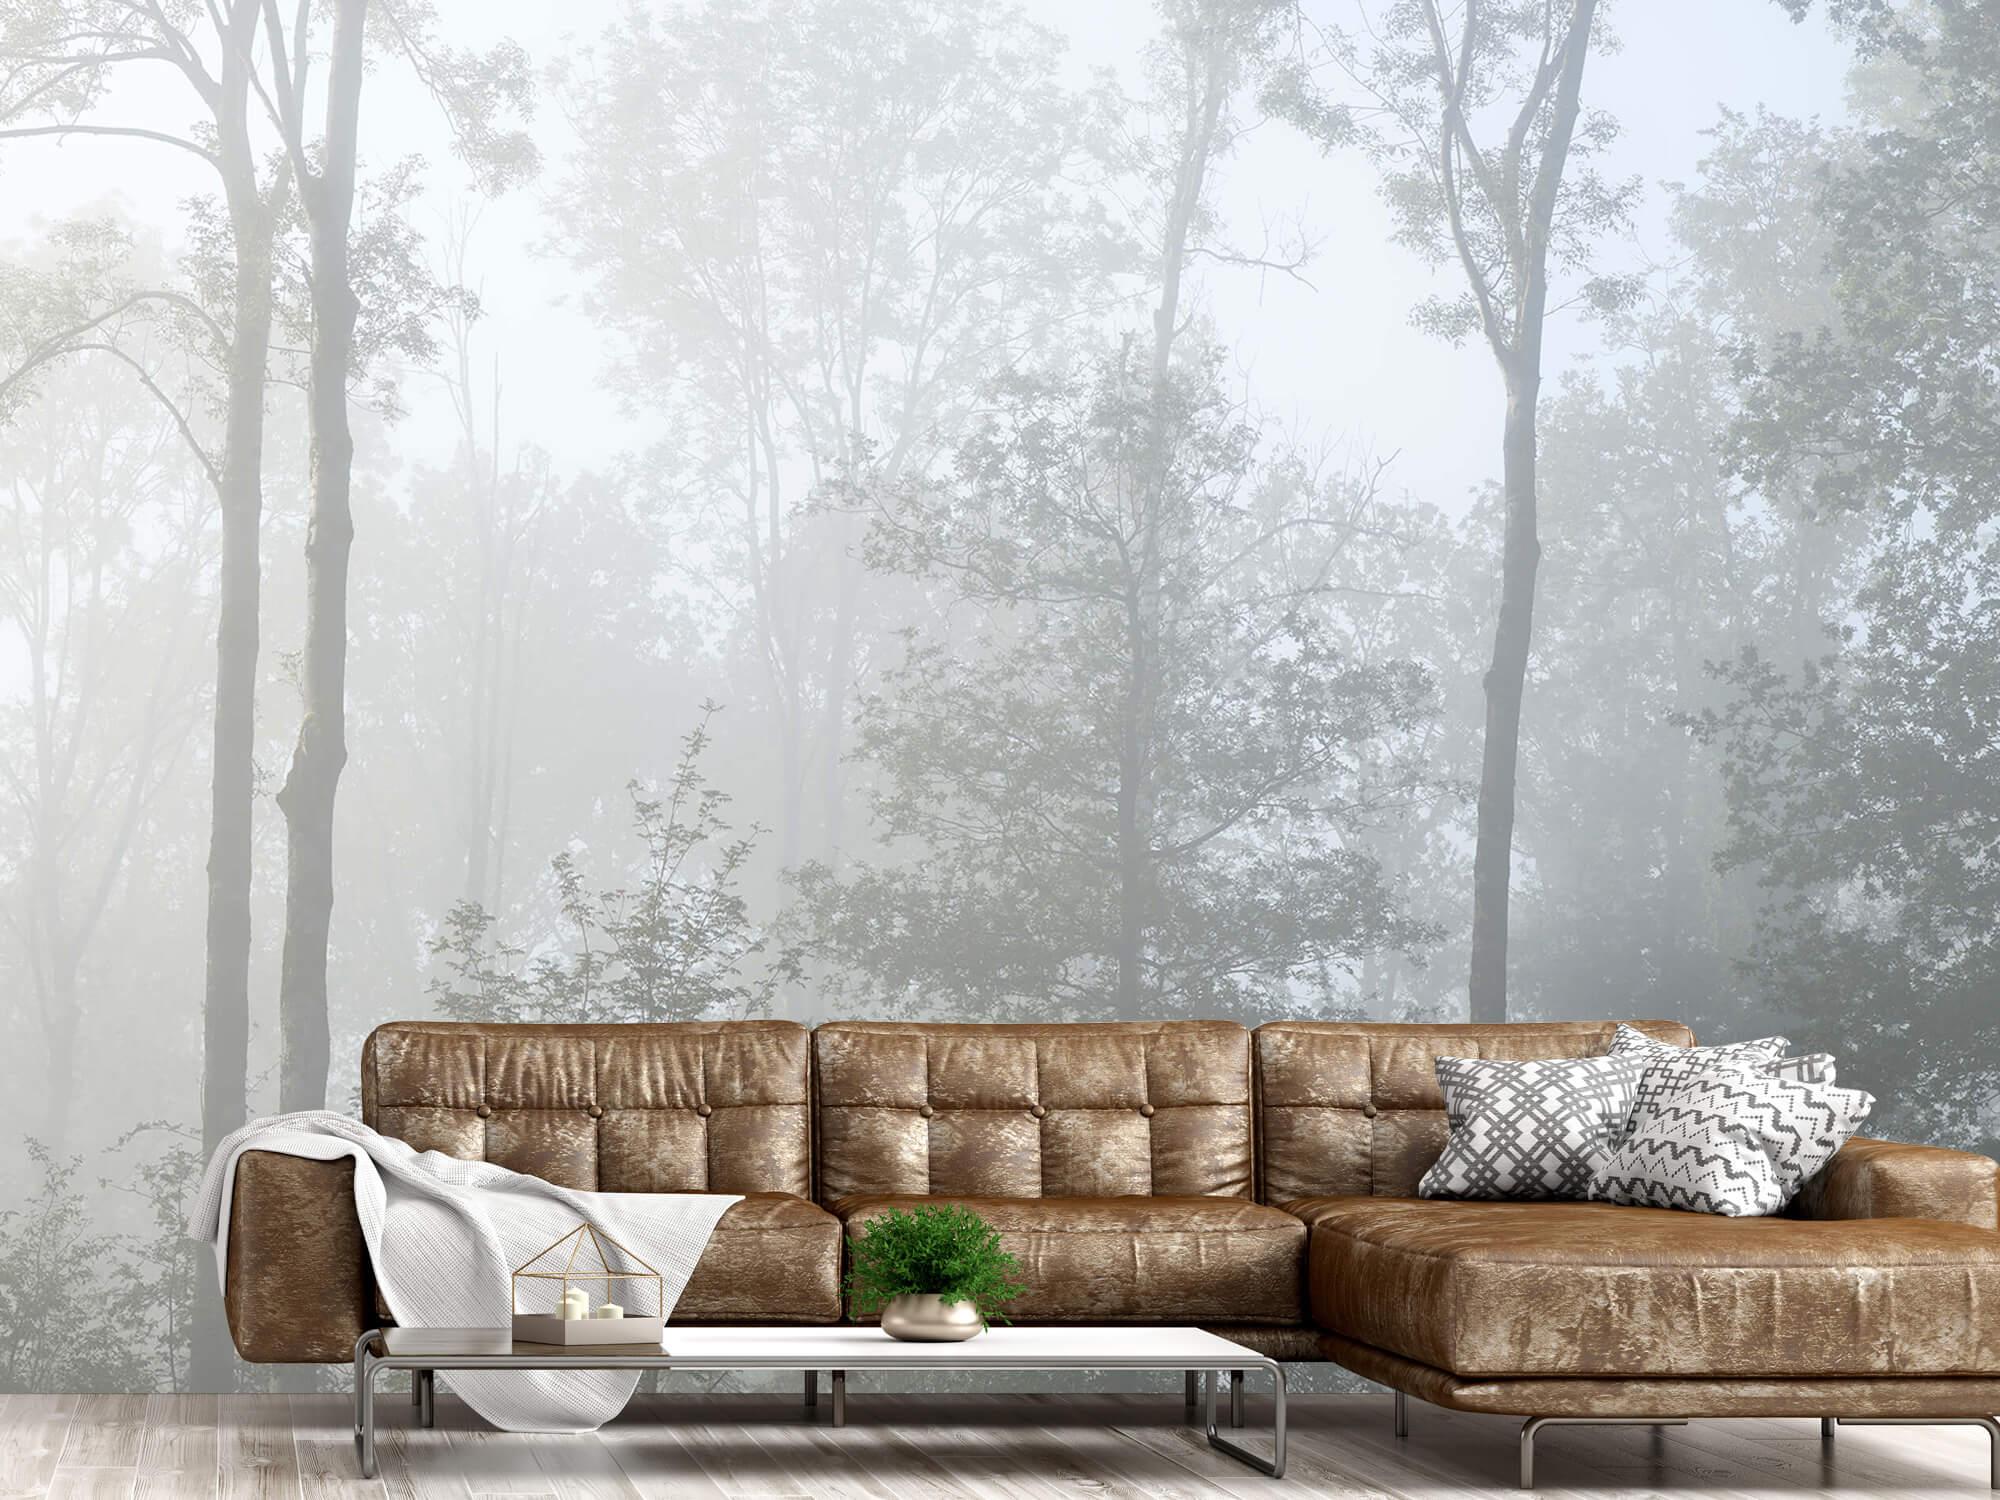 Bos behang Dichte mist in het bos 14